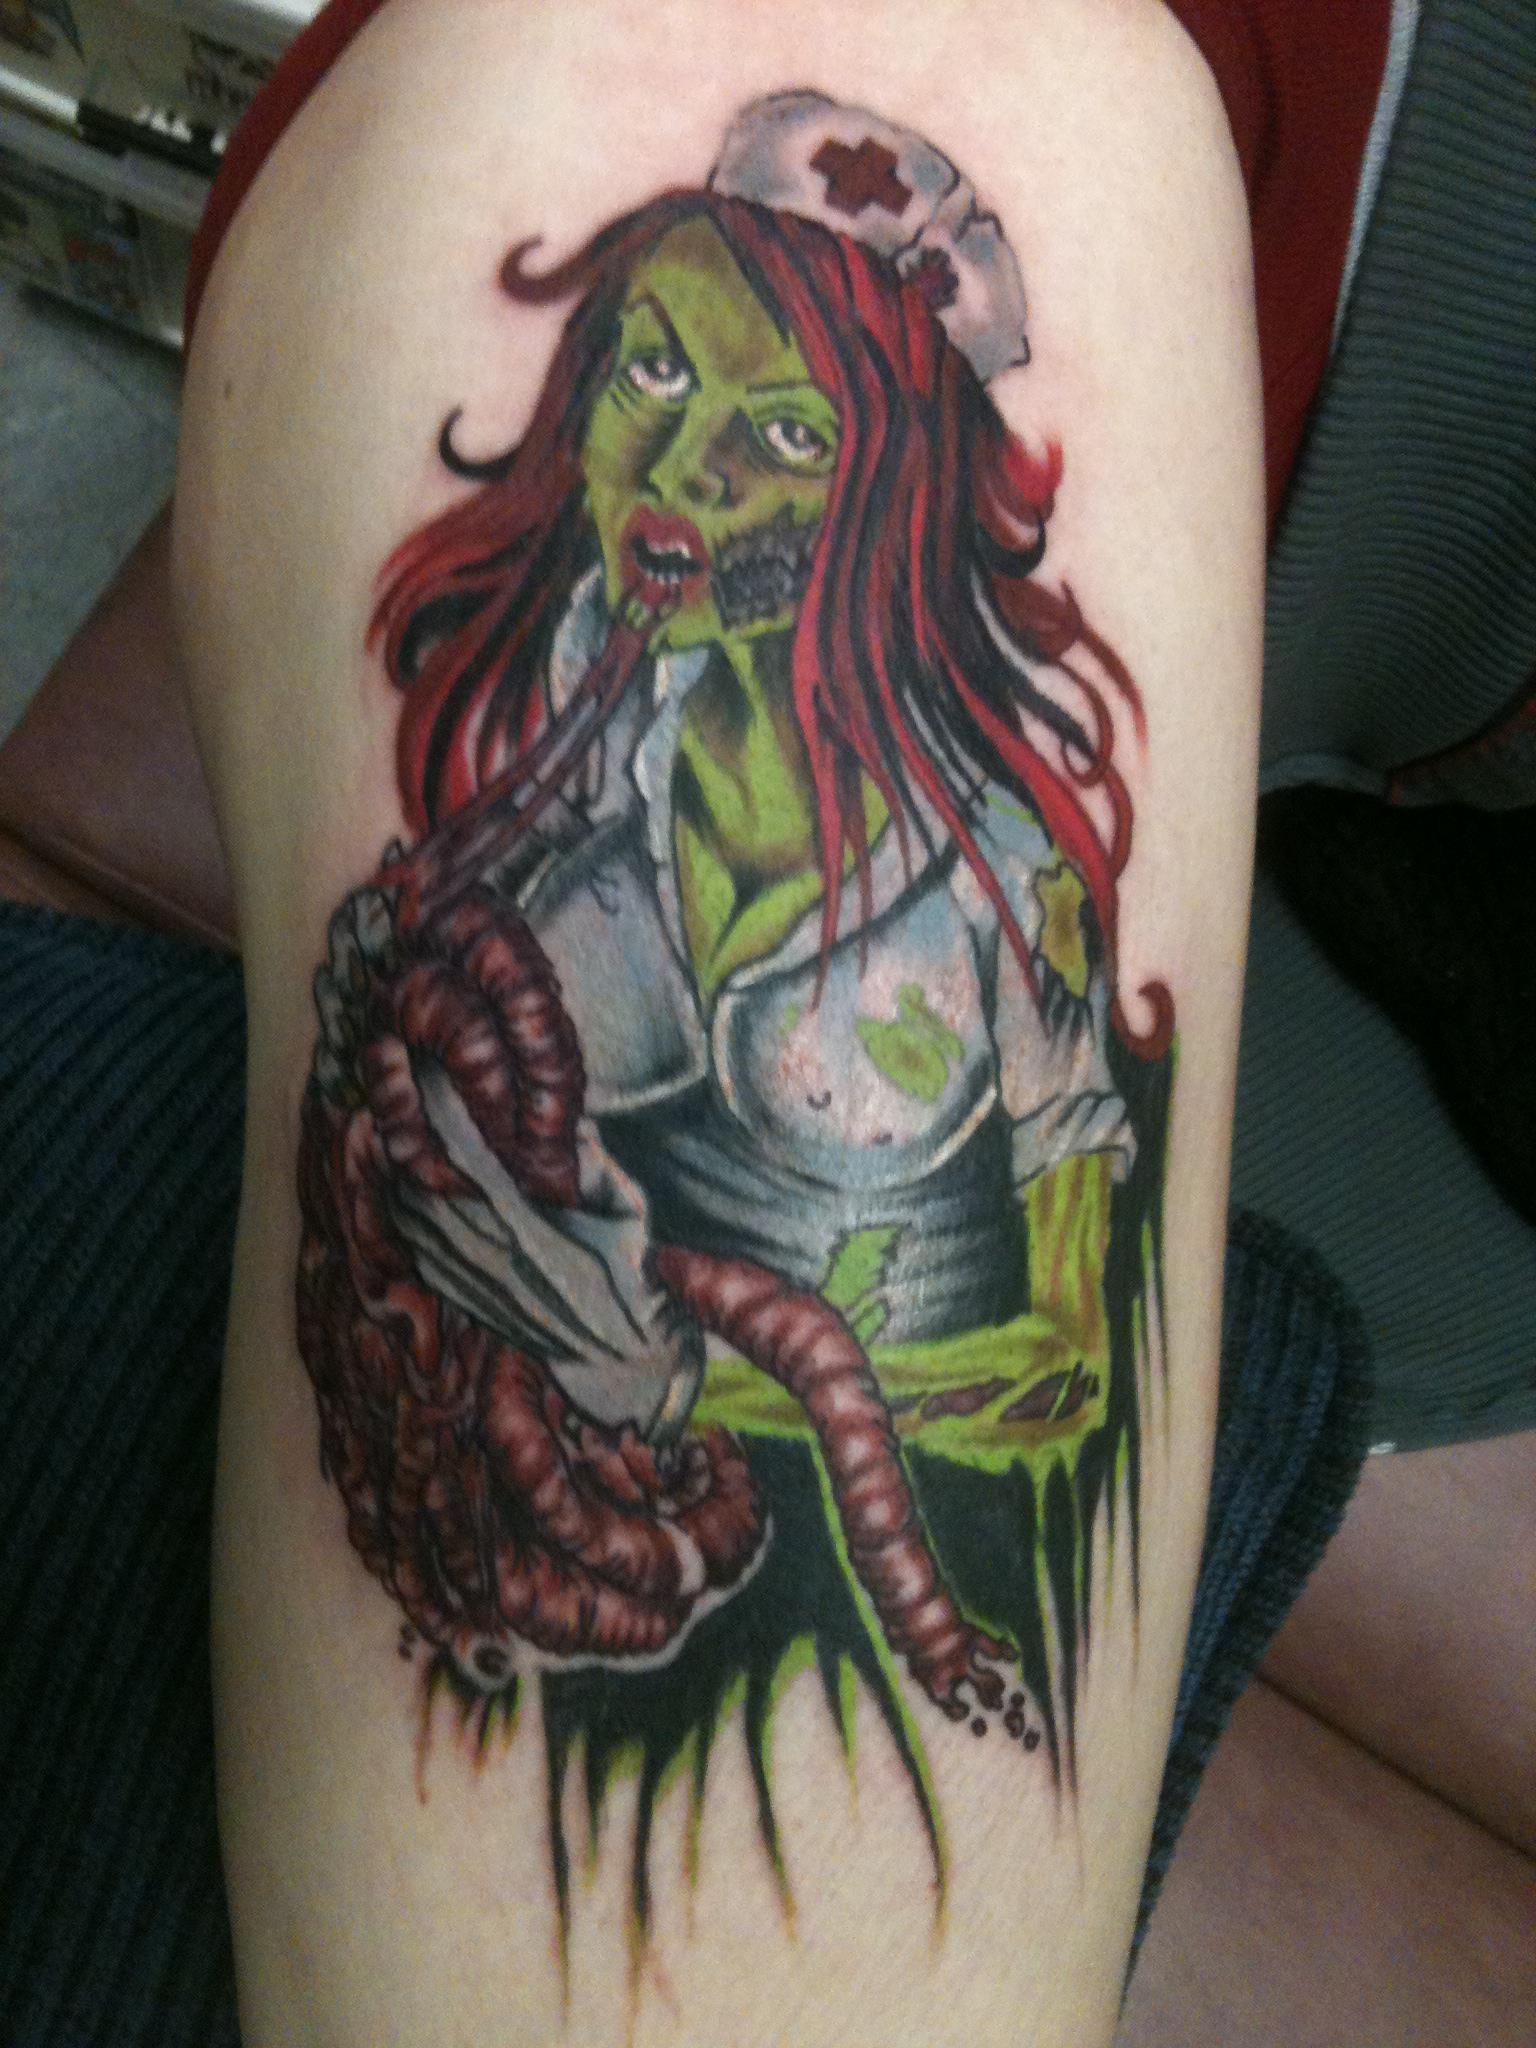 Tattoos tattoo ideas on pinterest rn - Tatto